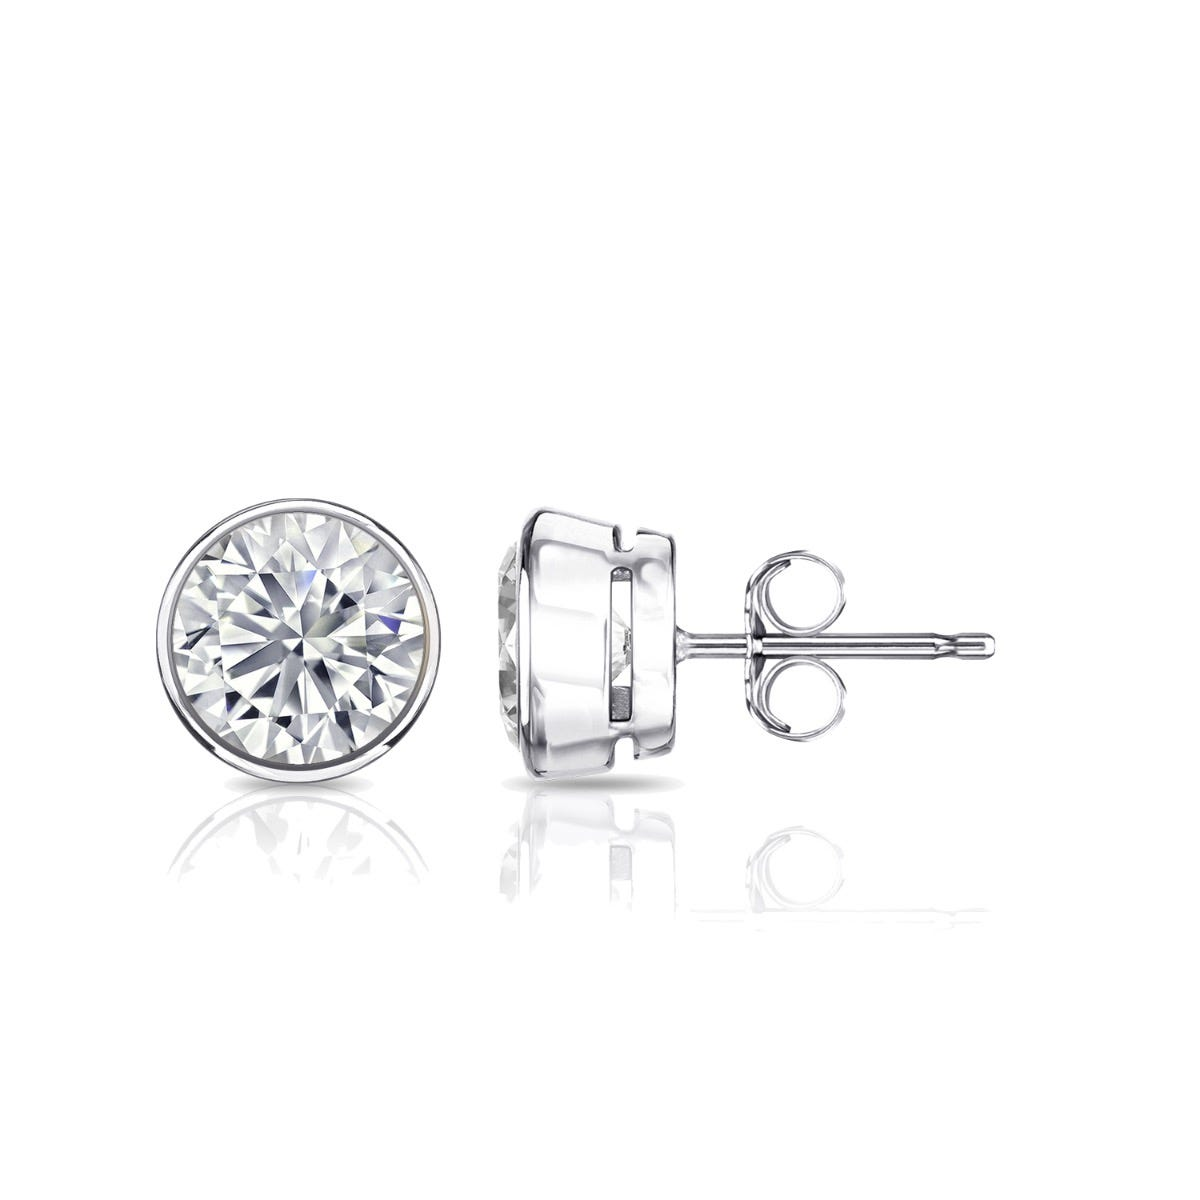 Diamond Round Bezel-Set 1ctw. Solitaire Stud (IJ-I2) Earrings in 18K White Gold